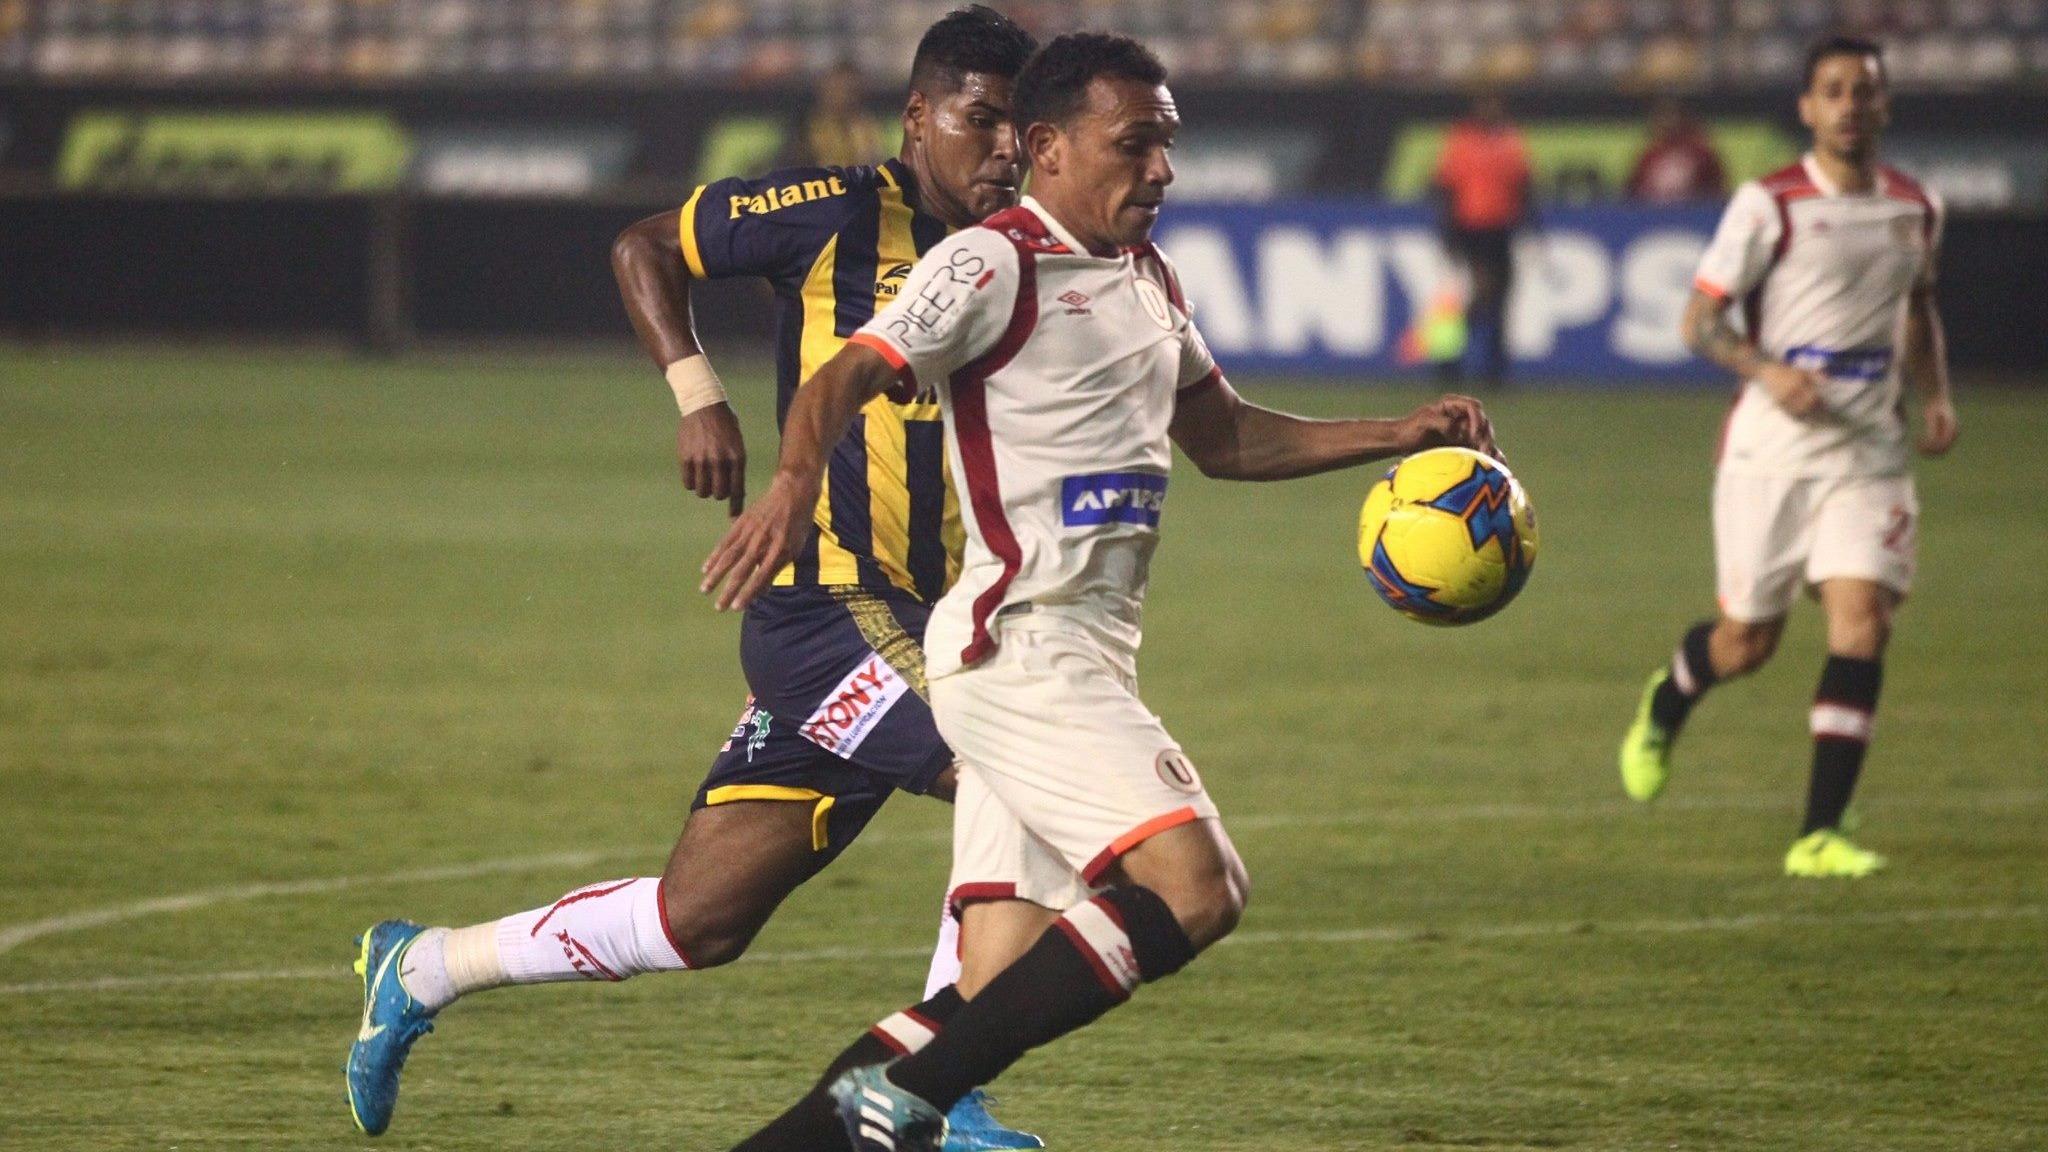 Figuera llegó a préstamo a la 'U' por una temporada procedente de Deportivo La Guaira de Venezuela.